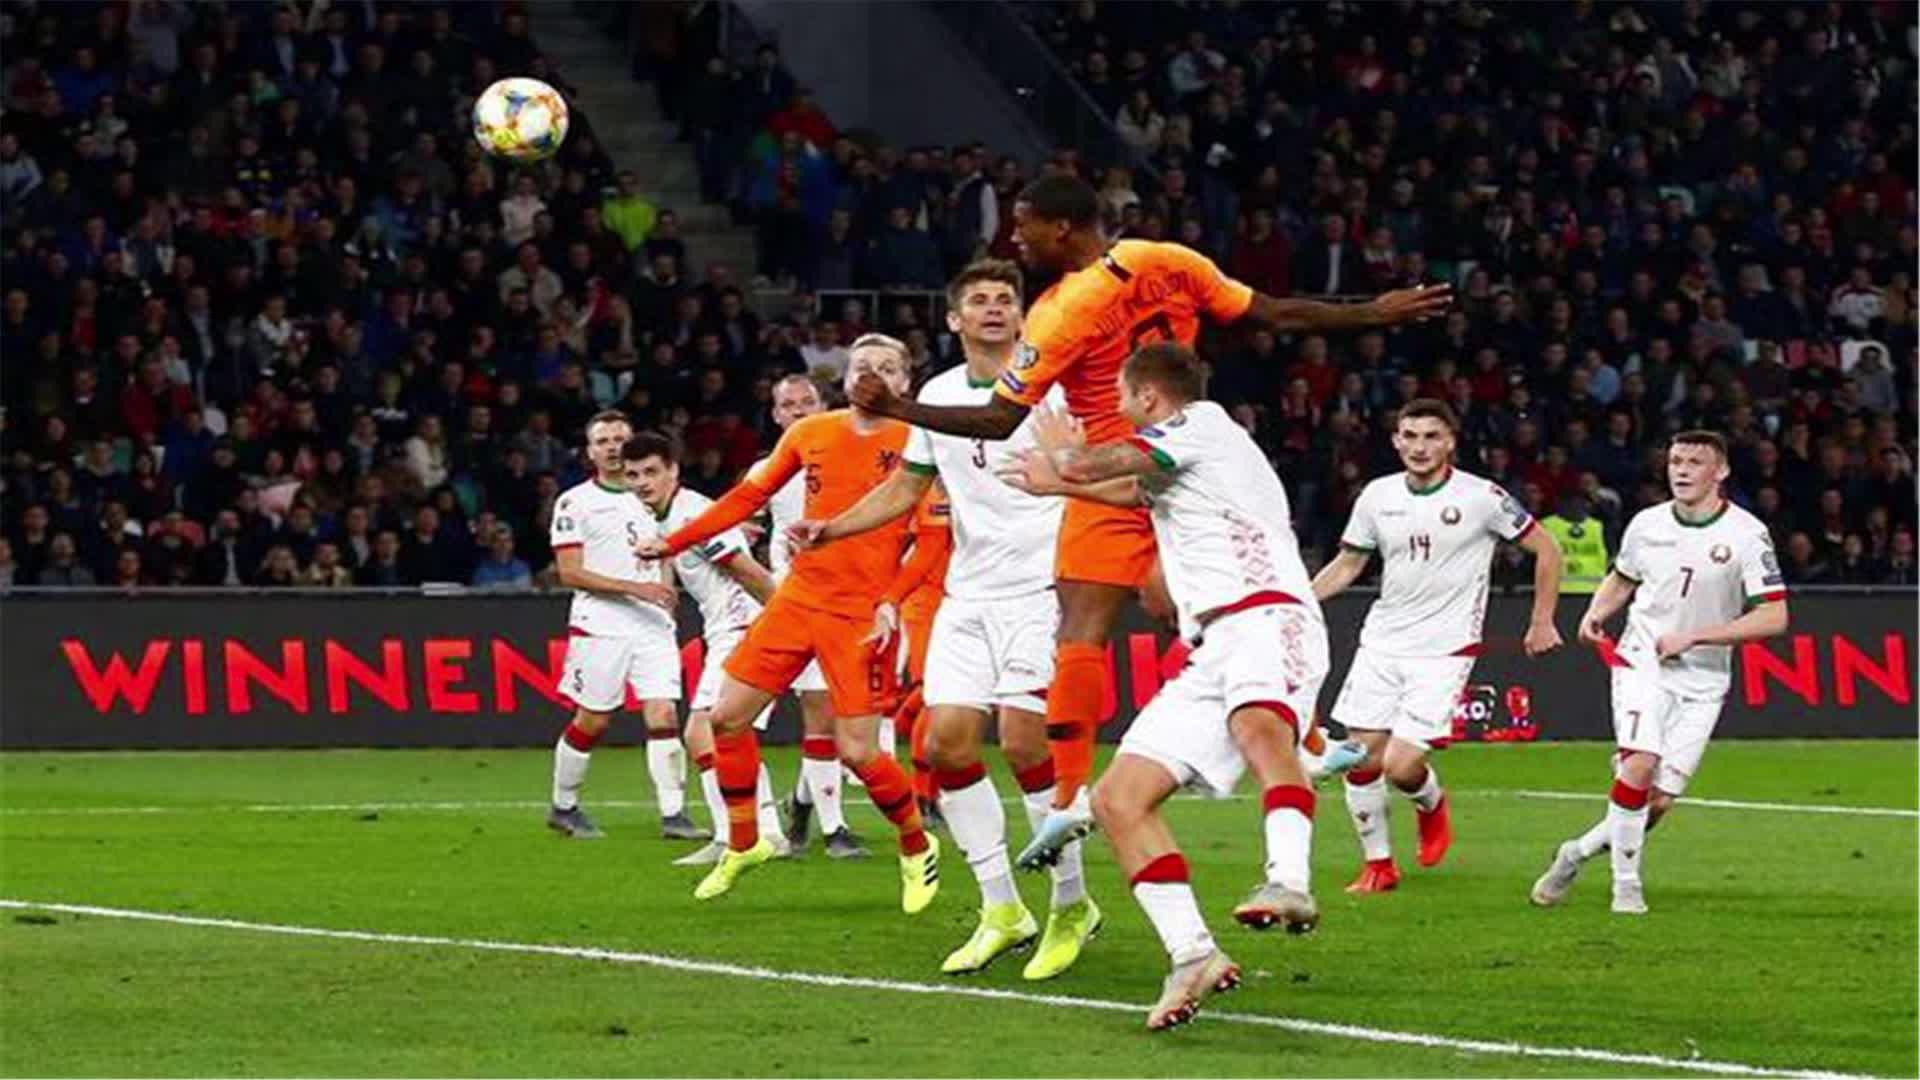 险零封!白俄罗斯主场1比2不敌荷兰 德拉甘扳回一球保持家乡颜面